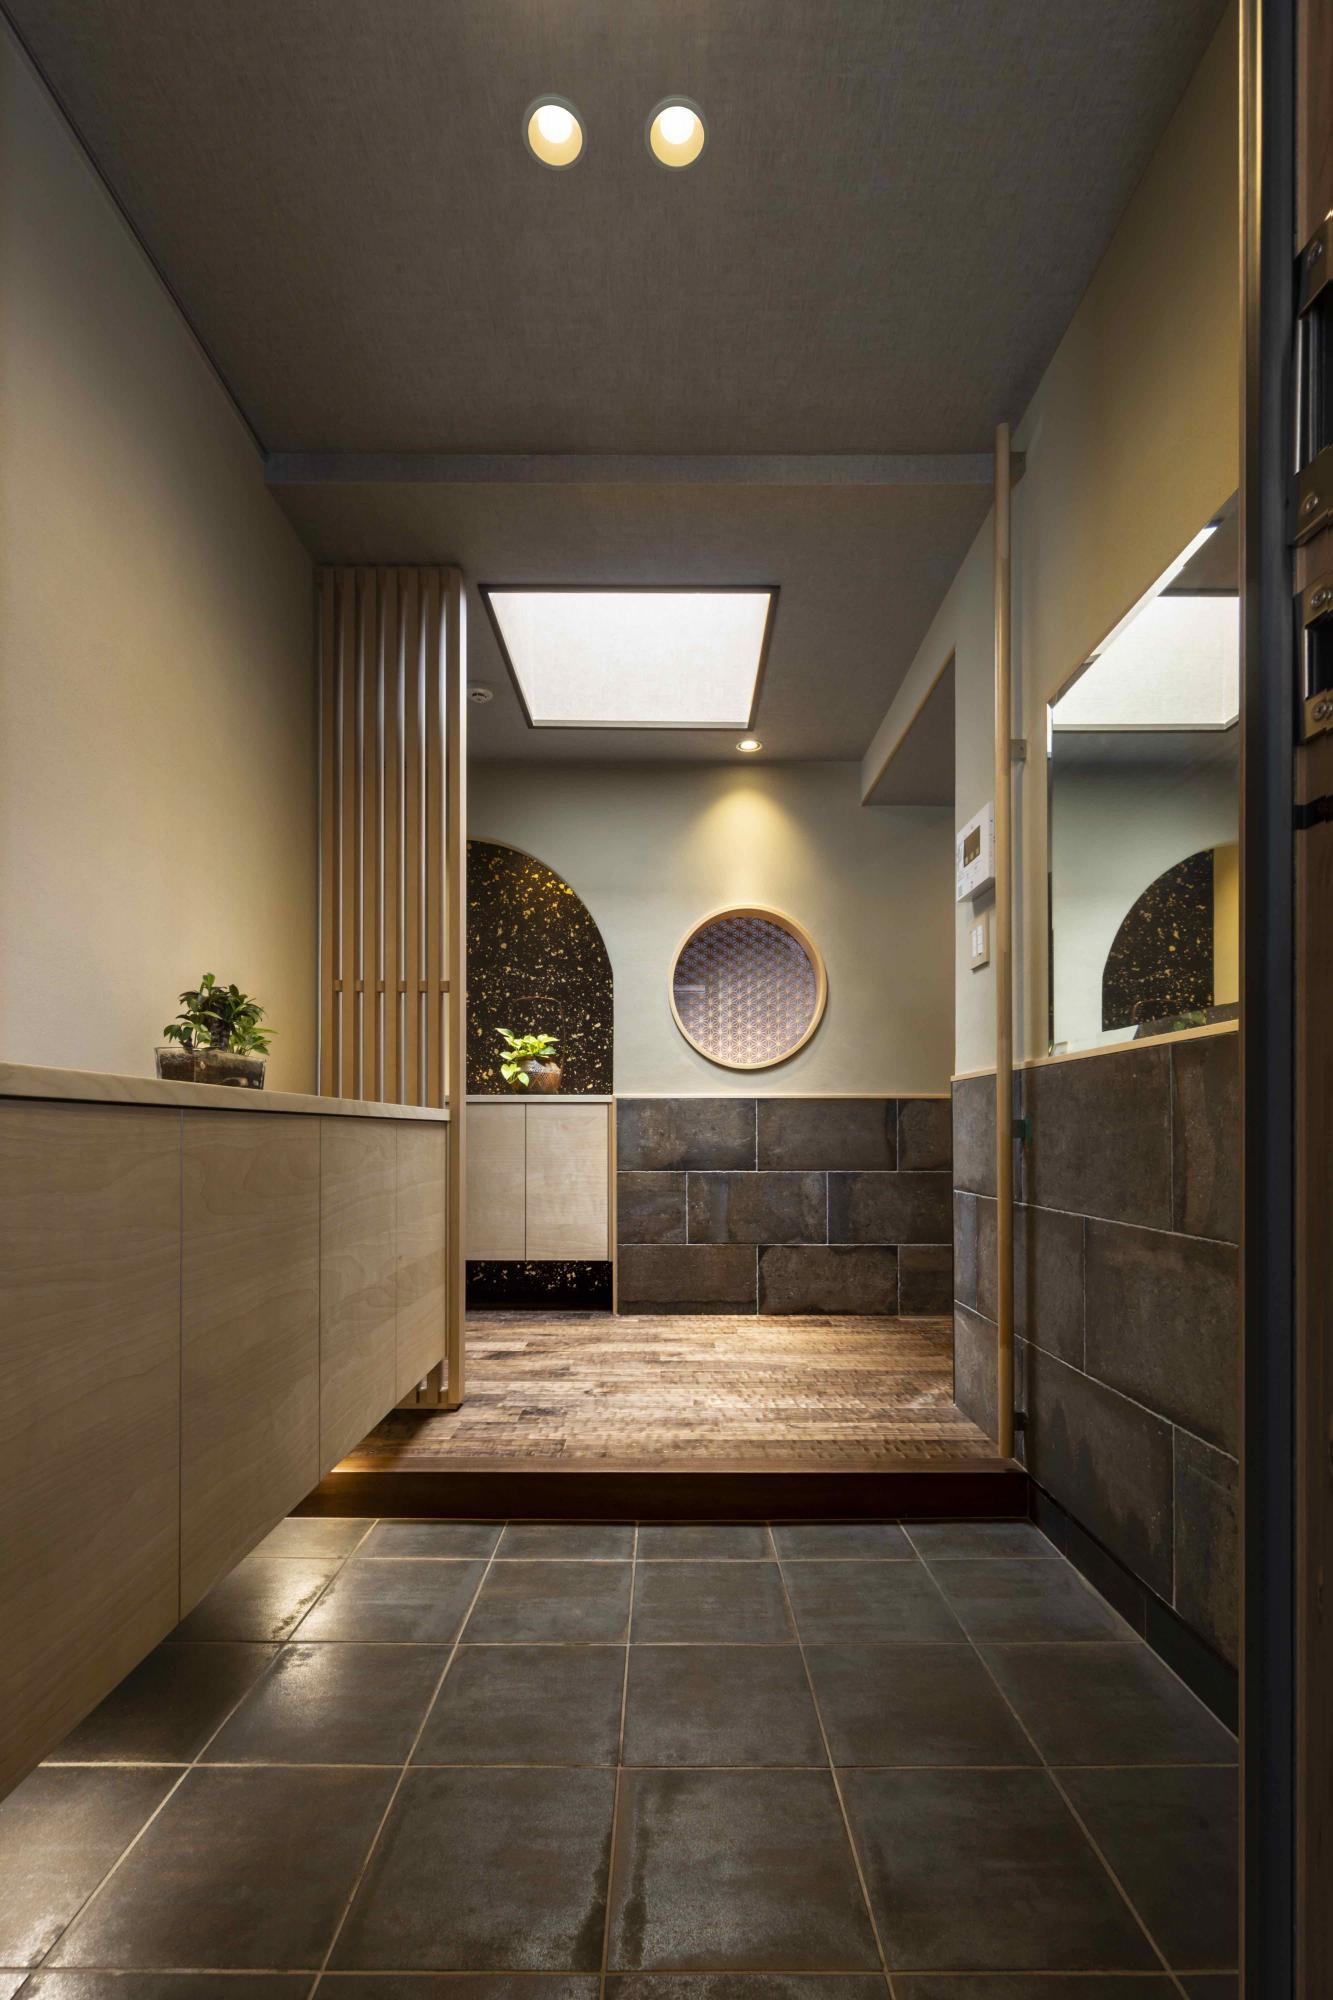 床のタイルを張り替え、壁を塗り壁で仕上げた重厚感溢れる玄関。格子のスクリーンや無垢の床が家族やゲストを迎えてくれる。正面には丸窓障子を採用し、印象に残るデザインで演出したのがポイント